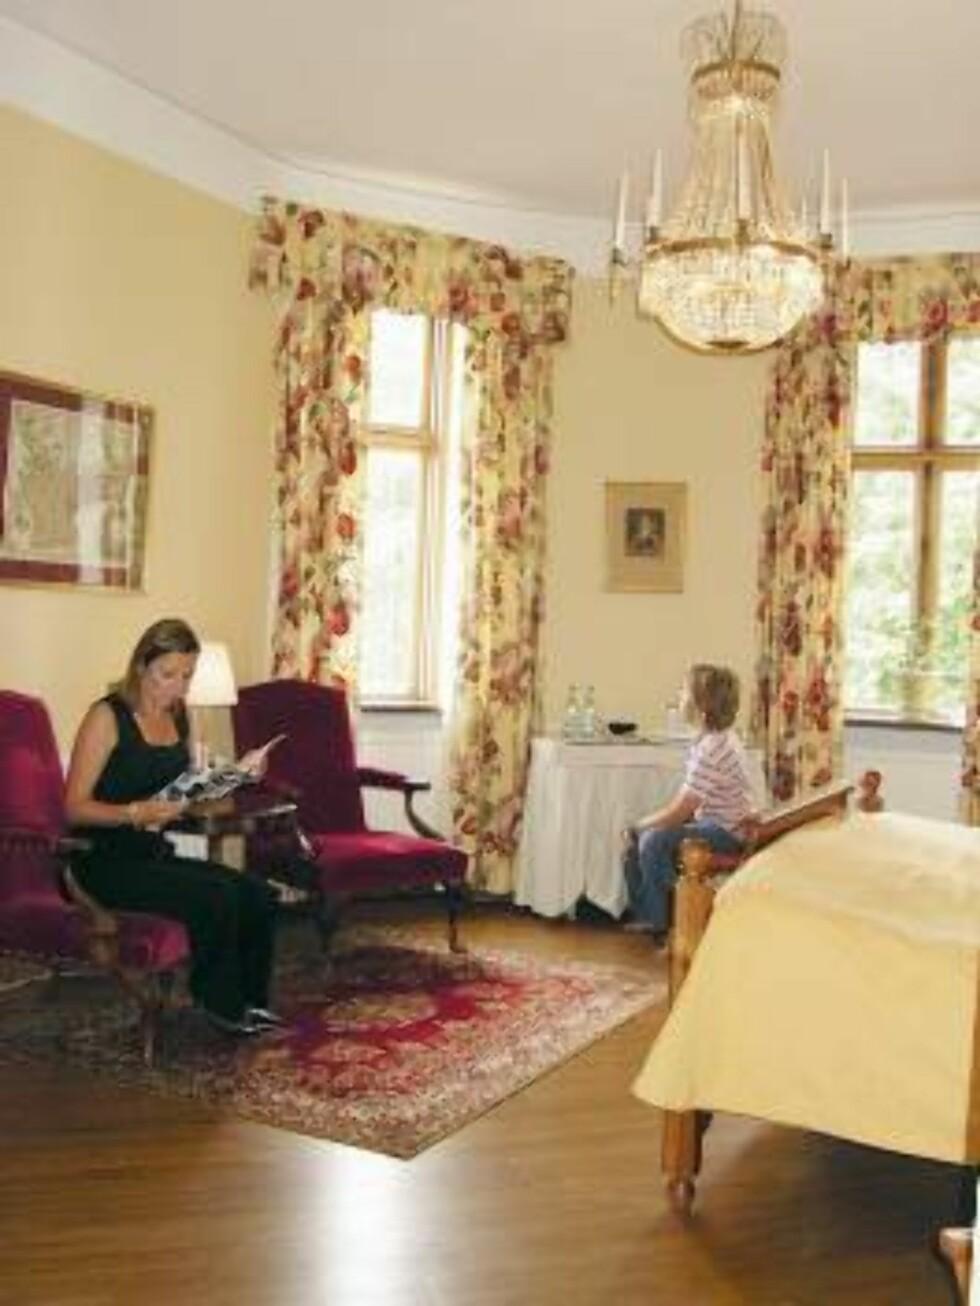 slottsferie i sverige slottsferie i sverige Häckeberga slott, skåne FOTO: Erling Skaget